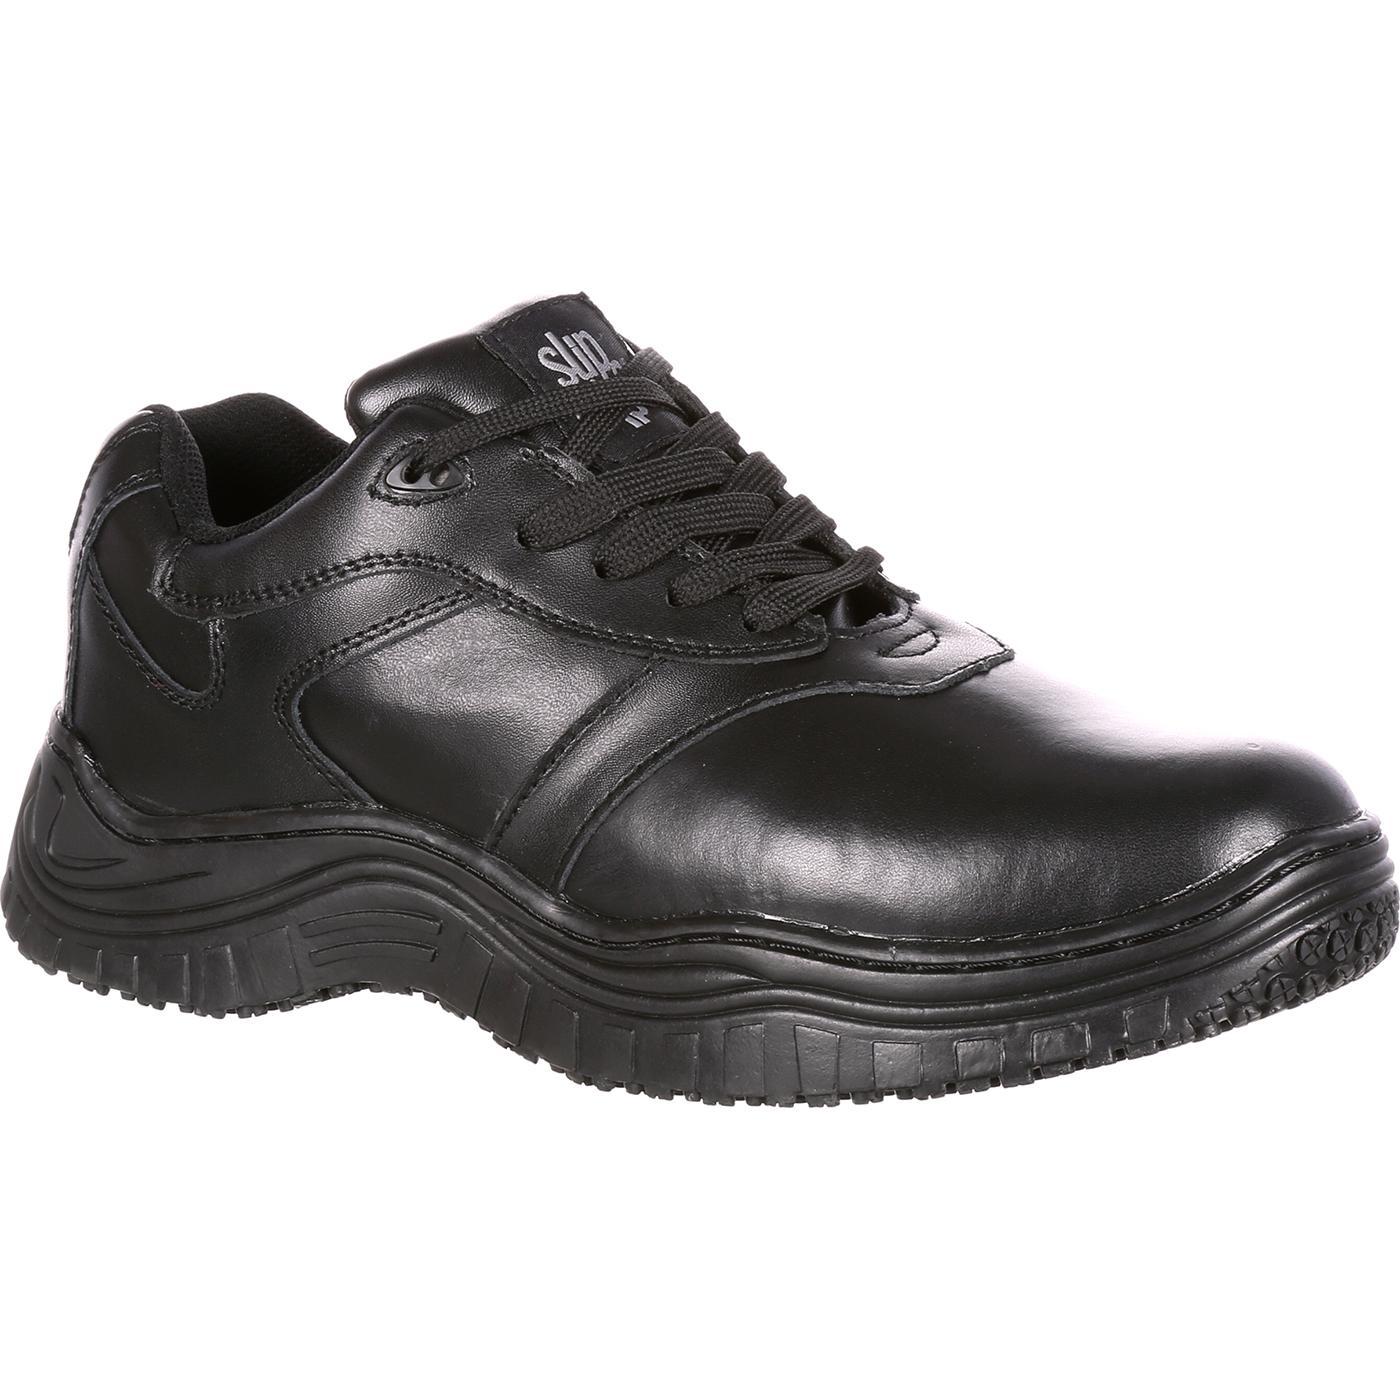 SlipGrips Slip-Resistant Work Athletic ShoeSlipGrips Slip-Resistant Work  Athletic Shoe b606e216e